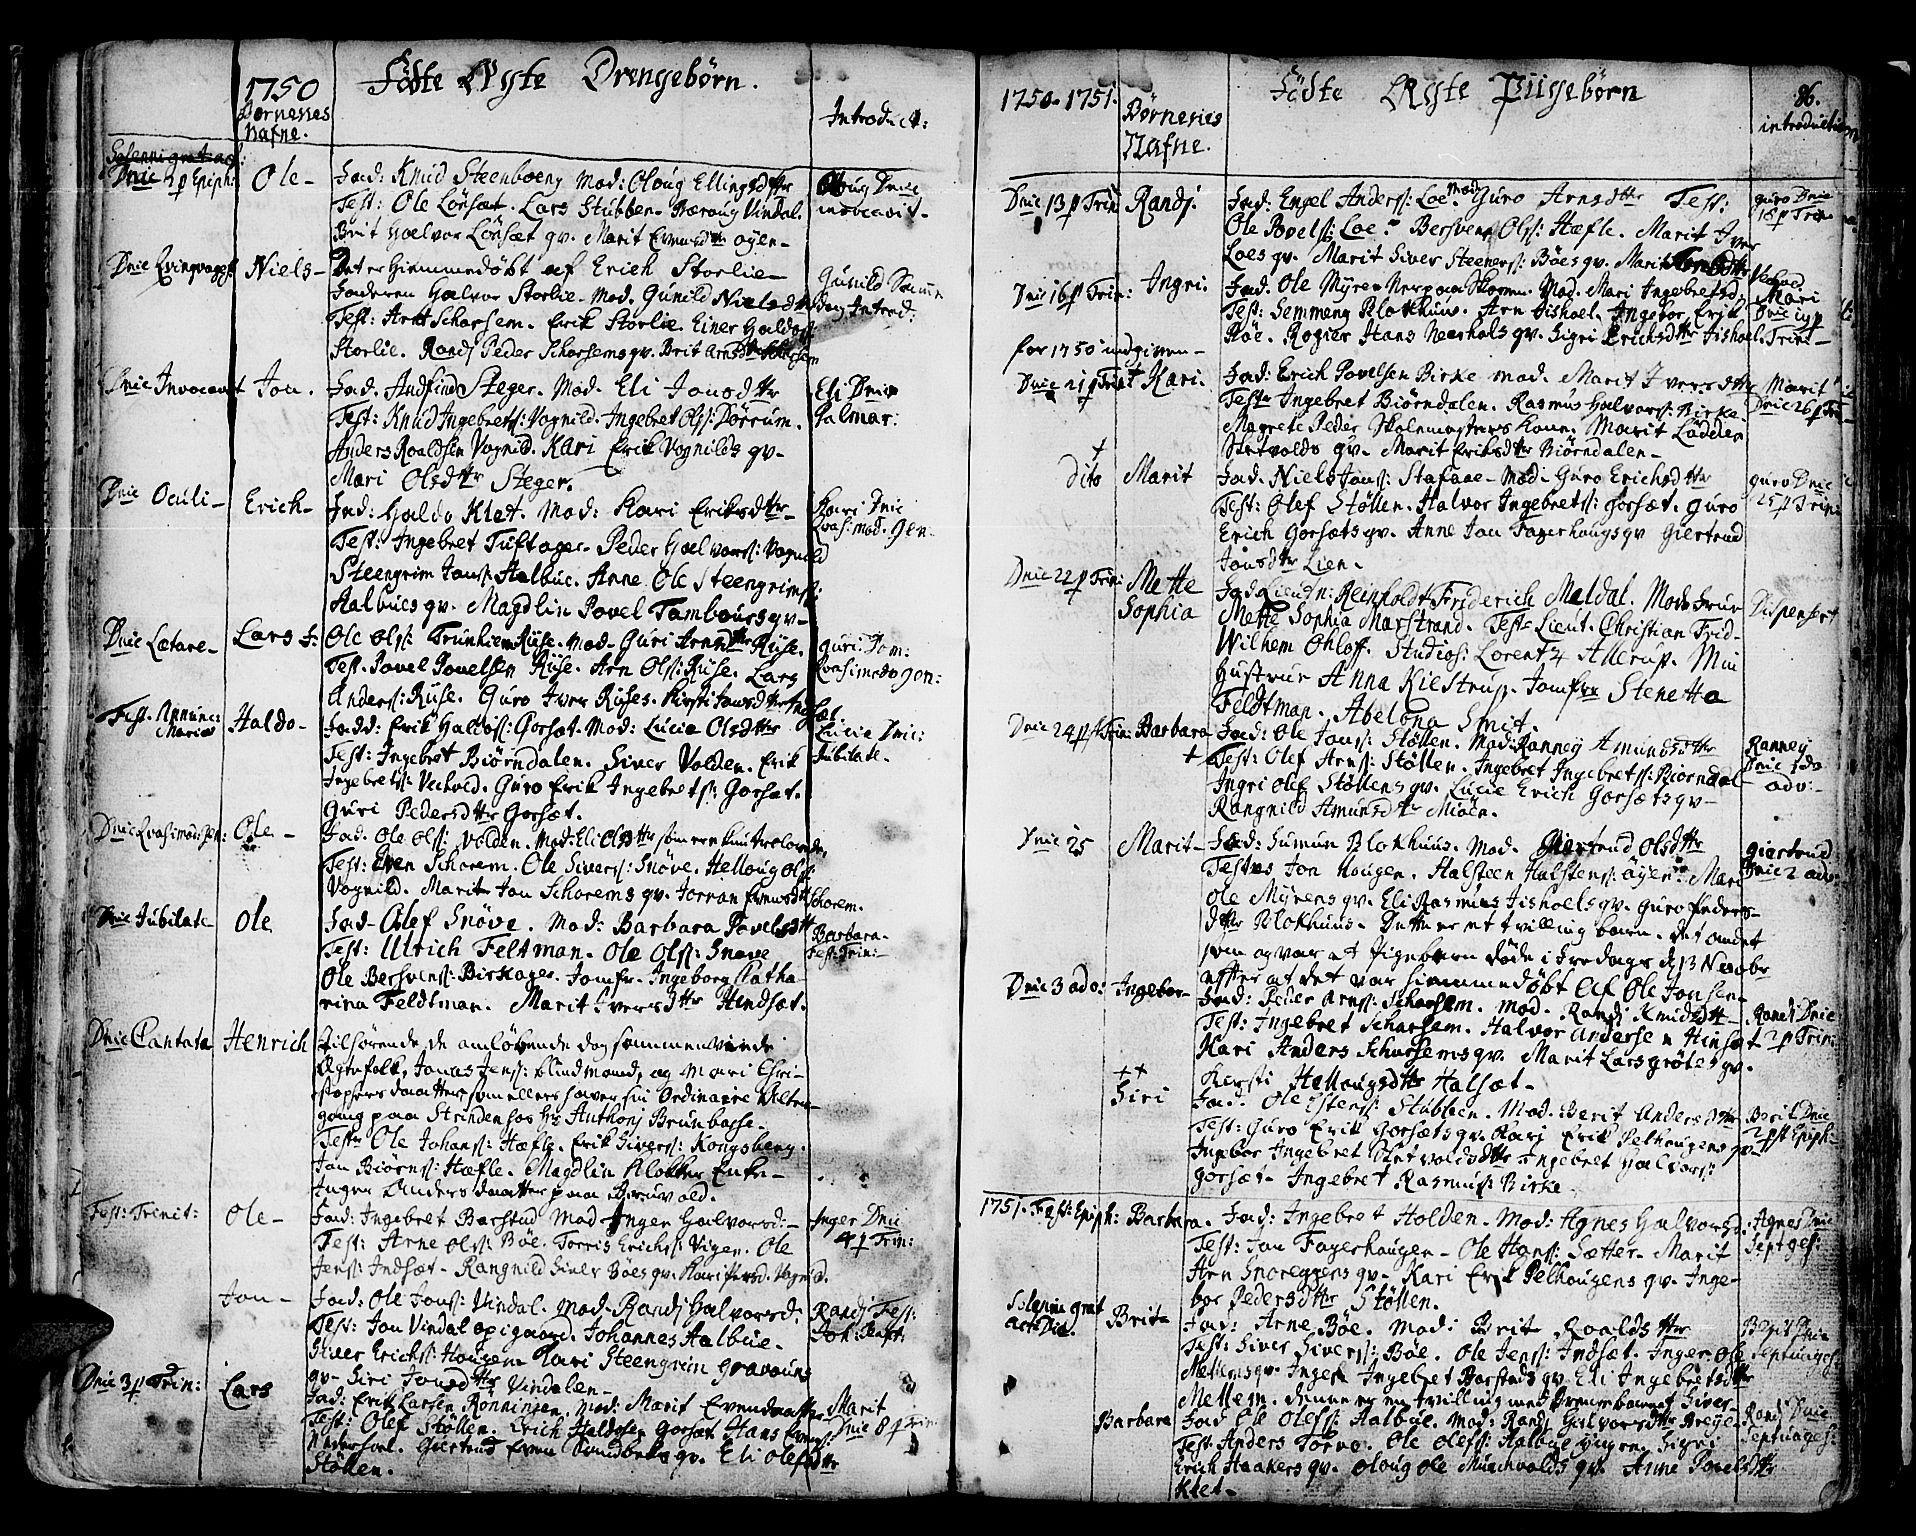 SAT, Ministerialprotokoller, klokkerbøker og fødselsregistre - Sør-Trøndelag, 678/L0891: Ministerialbok nr. 678A01, 1739-1780, s. 86